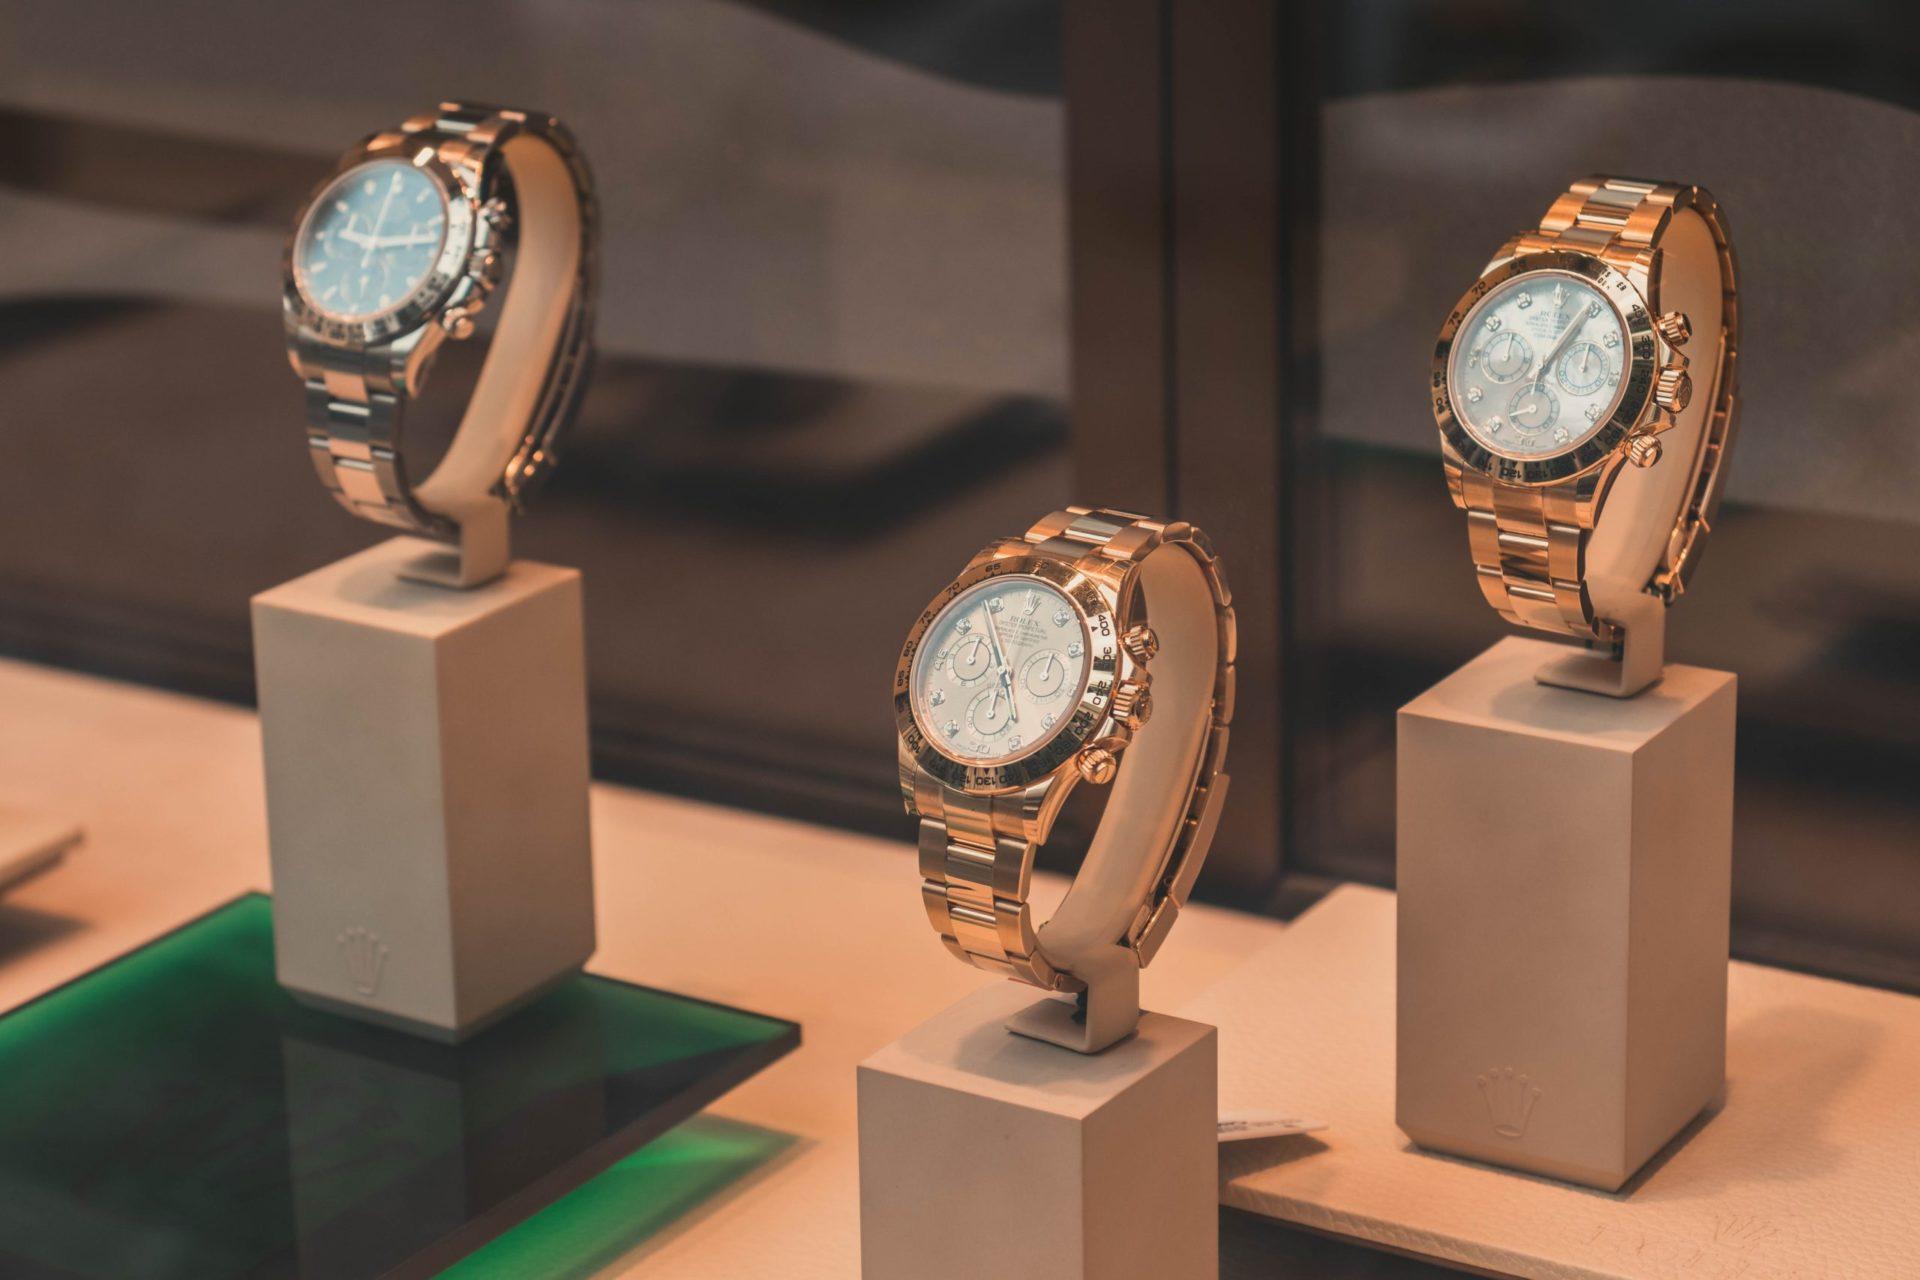 高額な腕時計を購入するときに気を付けること